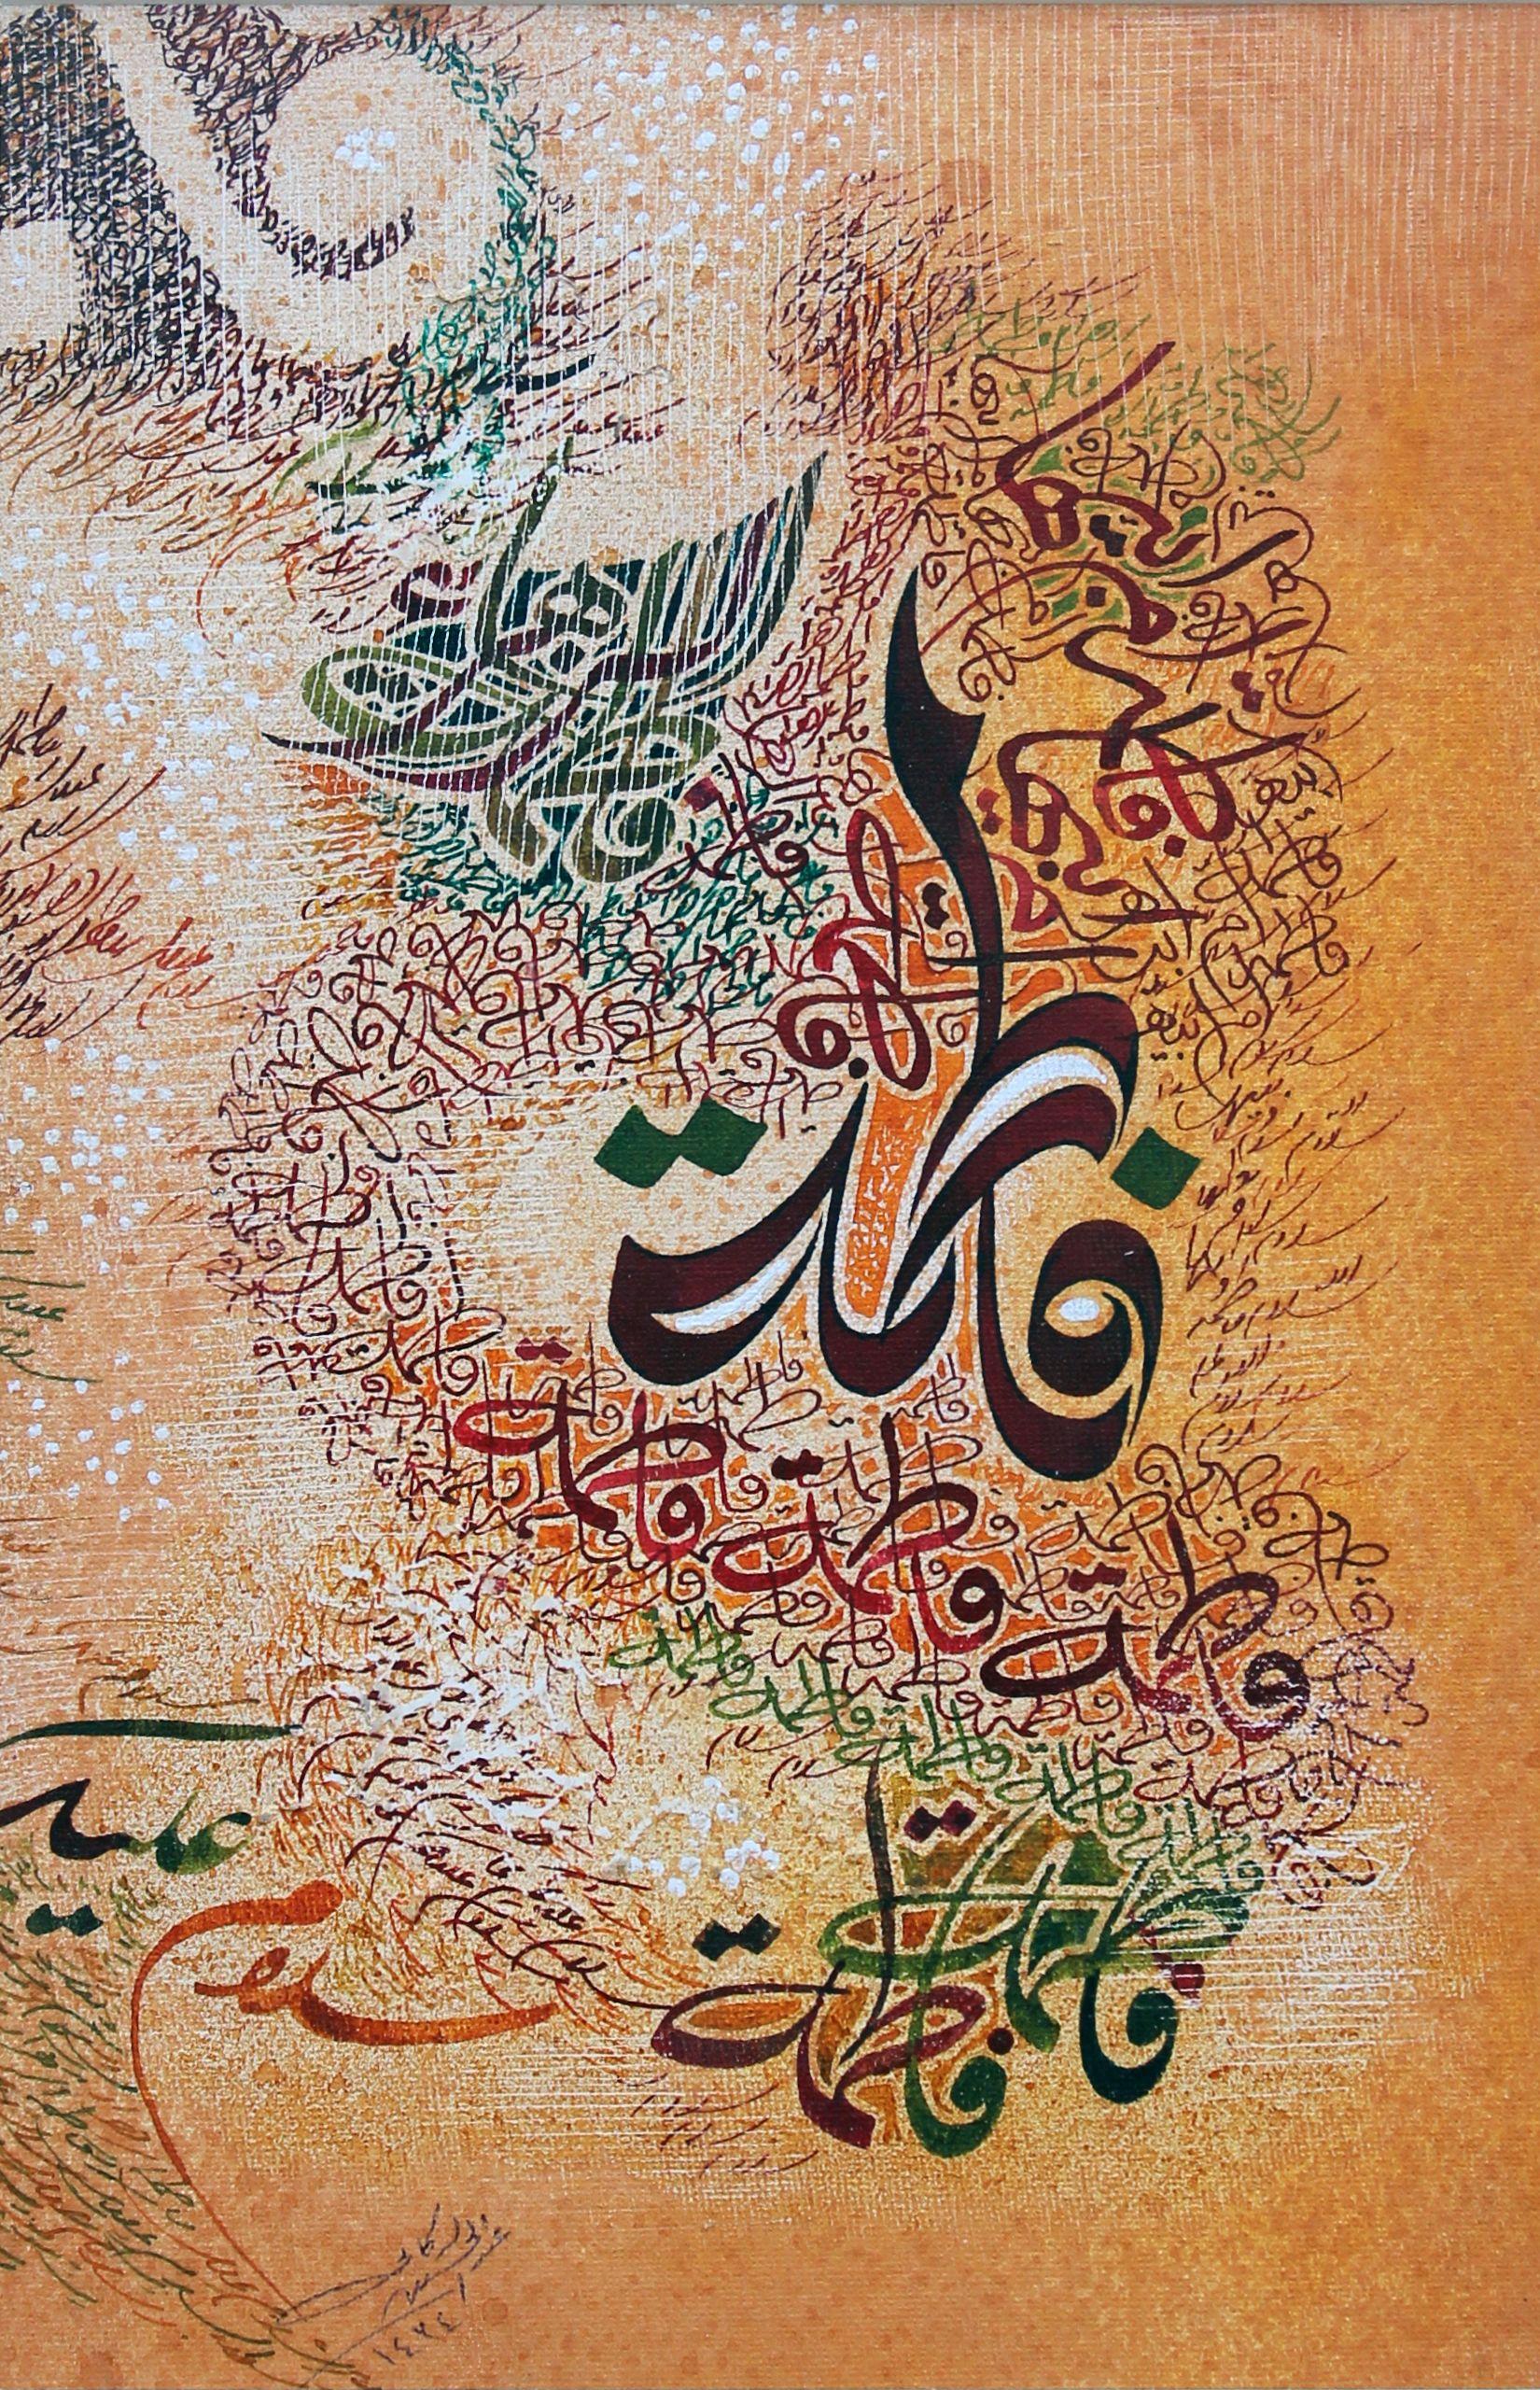 فاطمة الزهراء سلام الله عليها القياس 20 30سم أحبار وألوان أكريلك وزيت على ورق مقوى Islamic Art Calligraphy Islamic Art Islamic Calligraphy Painting